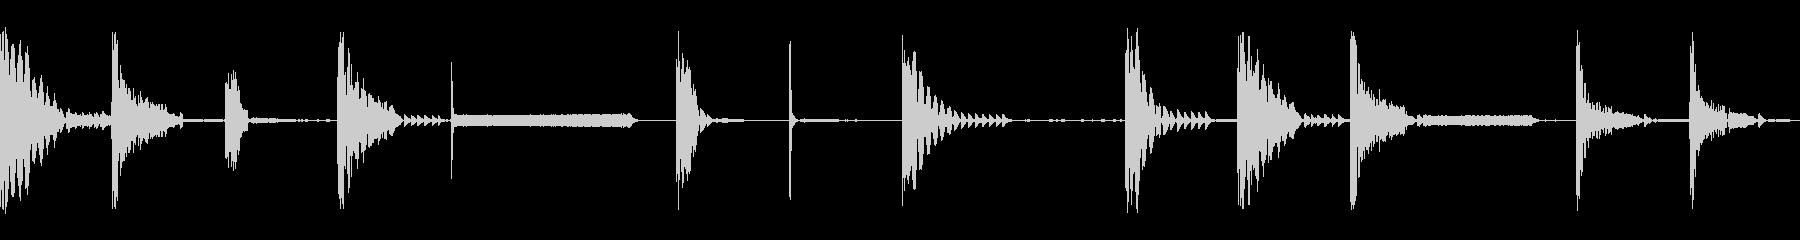 楽器4ビート_少しテクノ(音楽制作用)の未再生の波形